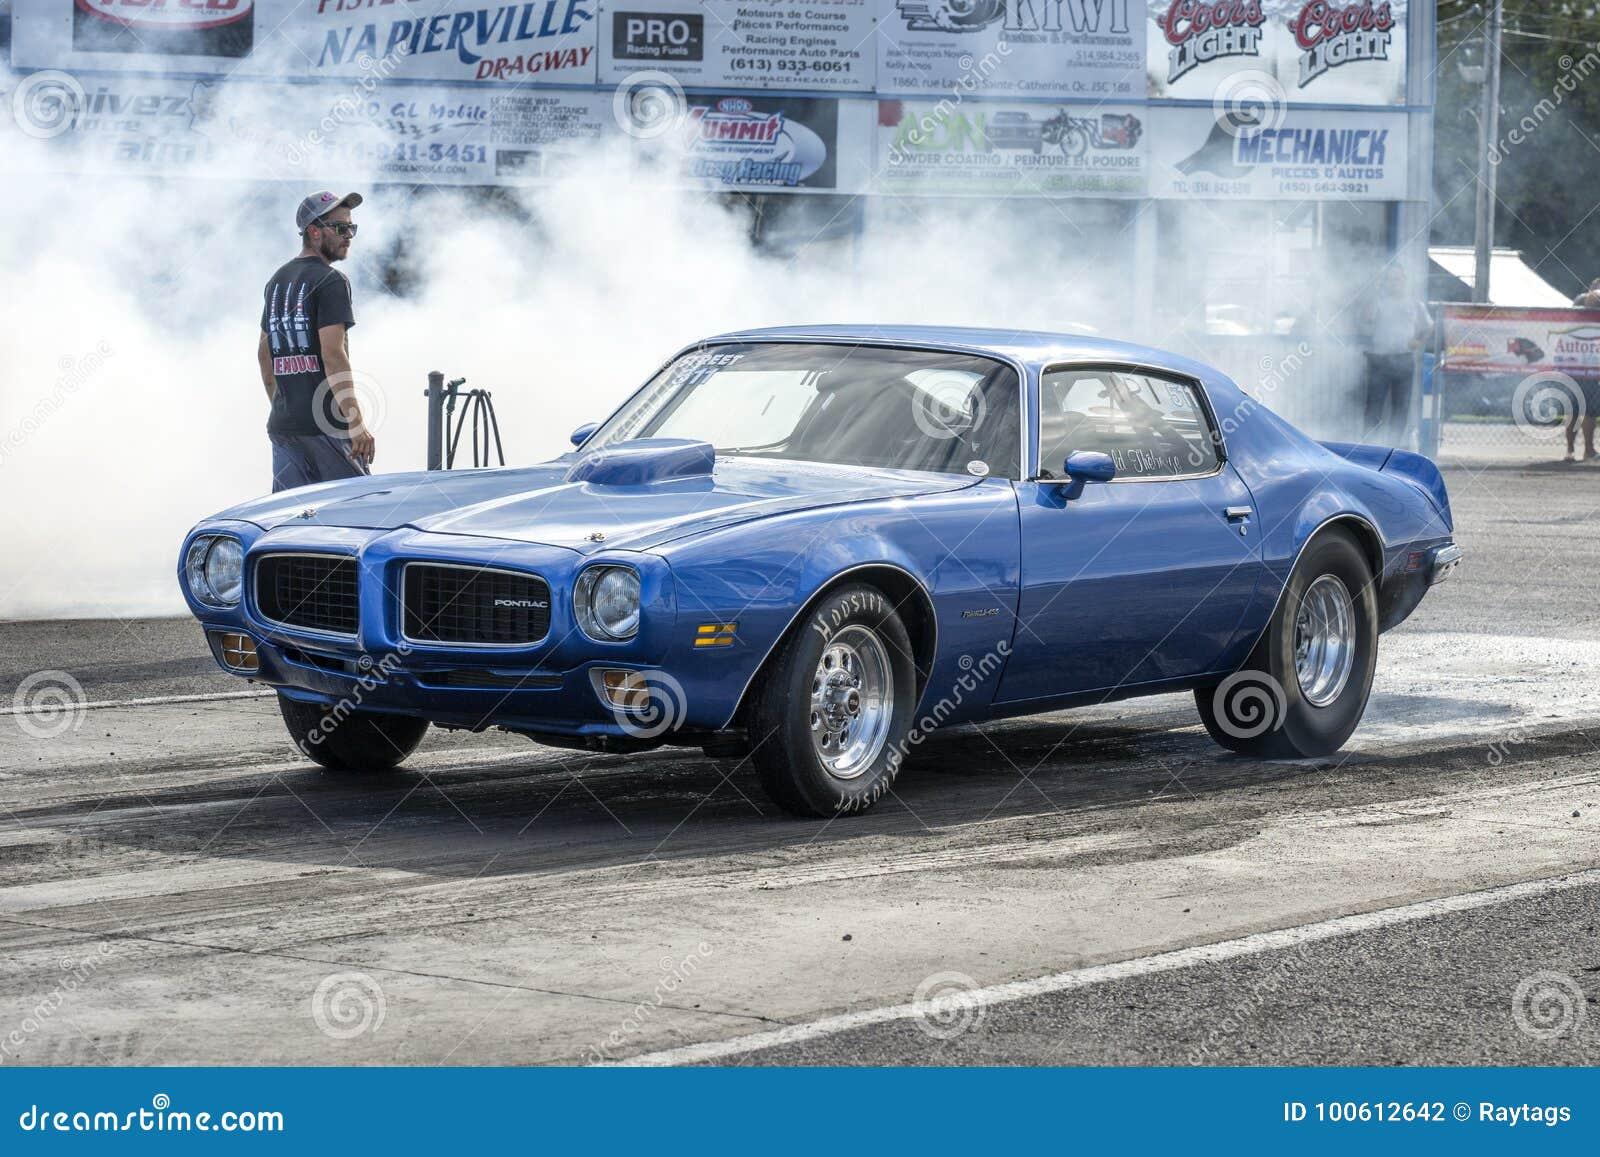 Pontiac firebird vintage parts